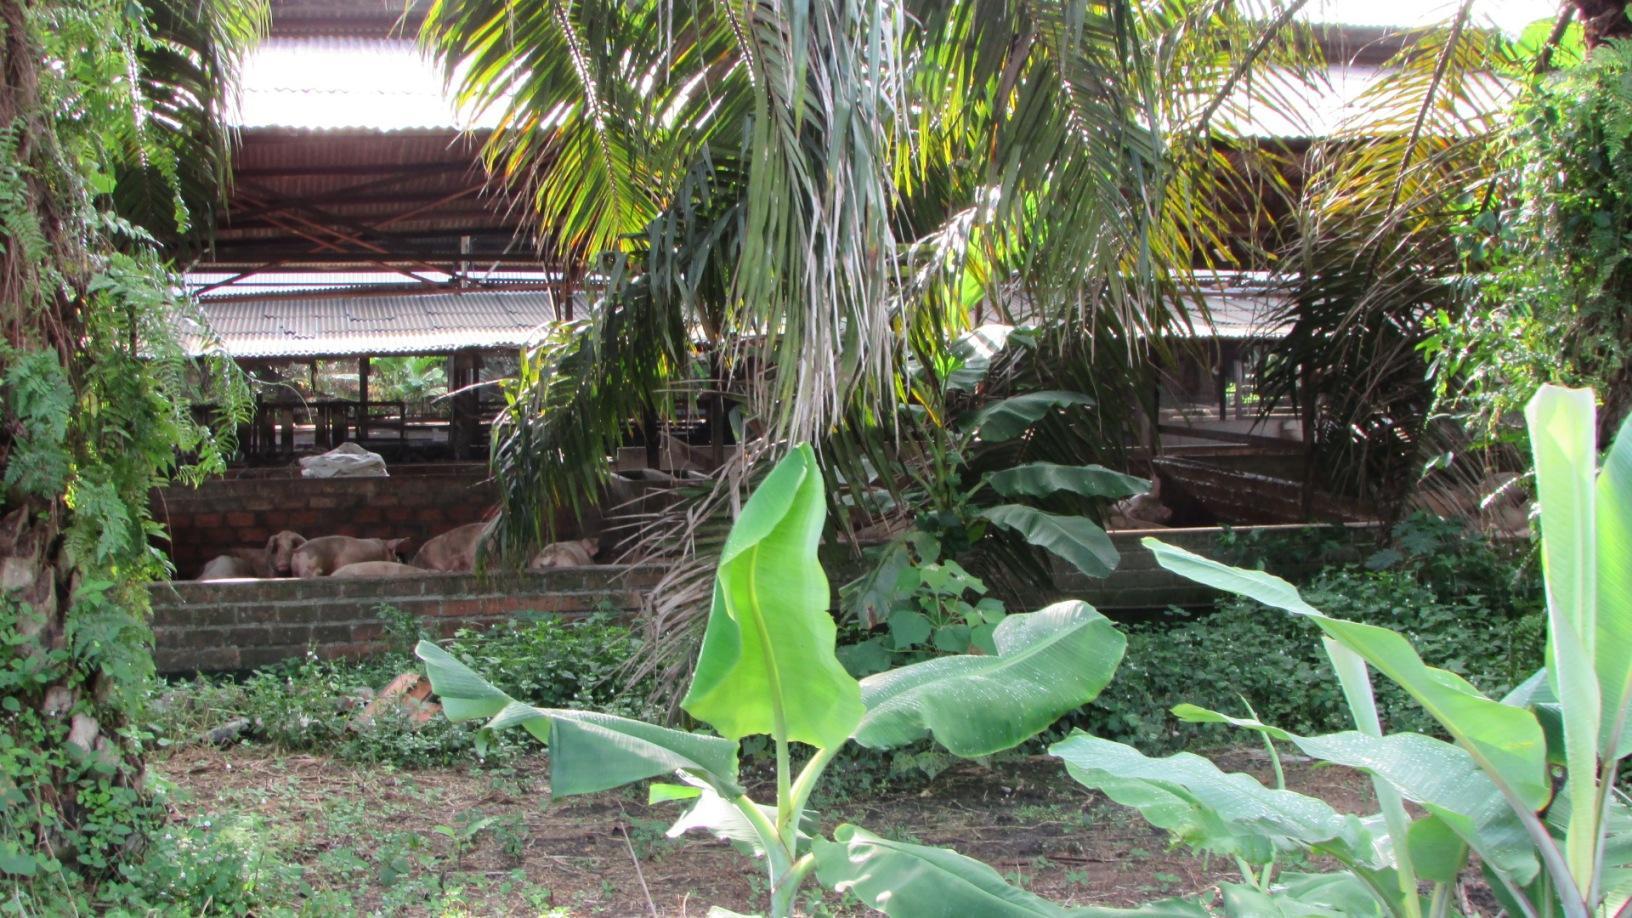 Part of a pig pen in Tanjung Sepat, Selangor | SAM